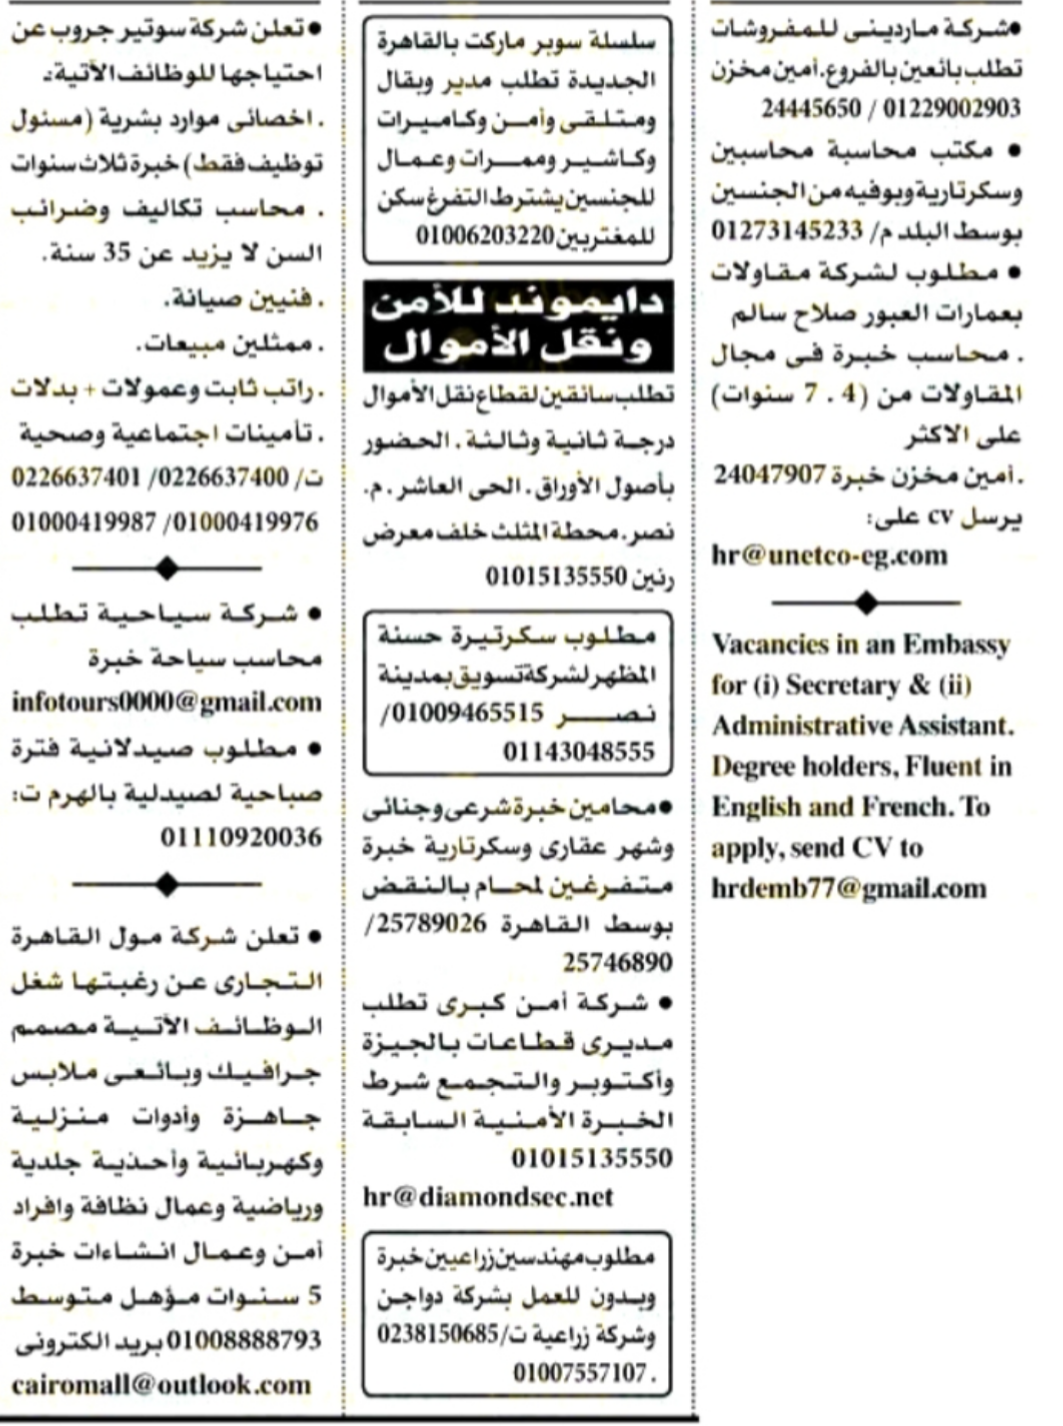 وظائف اهرام الجمعة 23/10/2020 العدد الاسبوعي 2